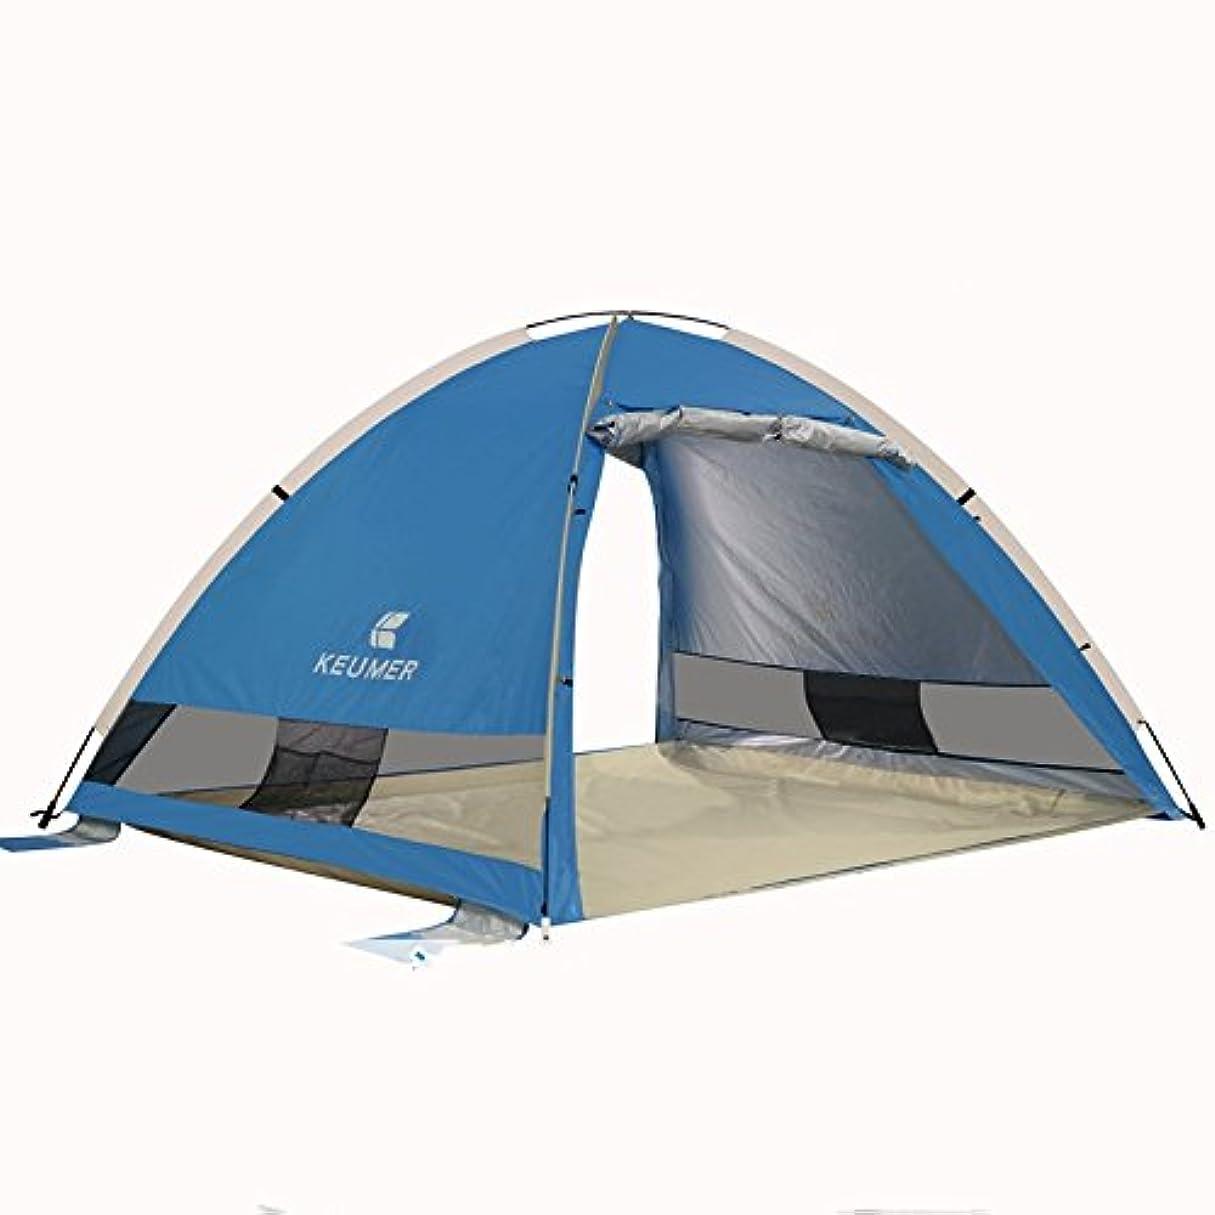 読者妥協どこかOpliy 屋外のビーチのキャンプテント自動テント折りたたみ式二重釣りのテント日よけのテント広いスペース安定した2-3人登山/キャンプ/釣り/パーティー風通しの良い 品質保証